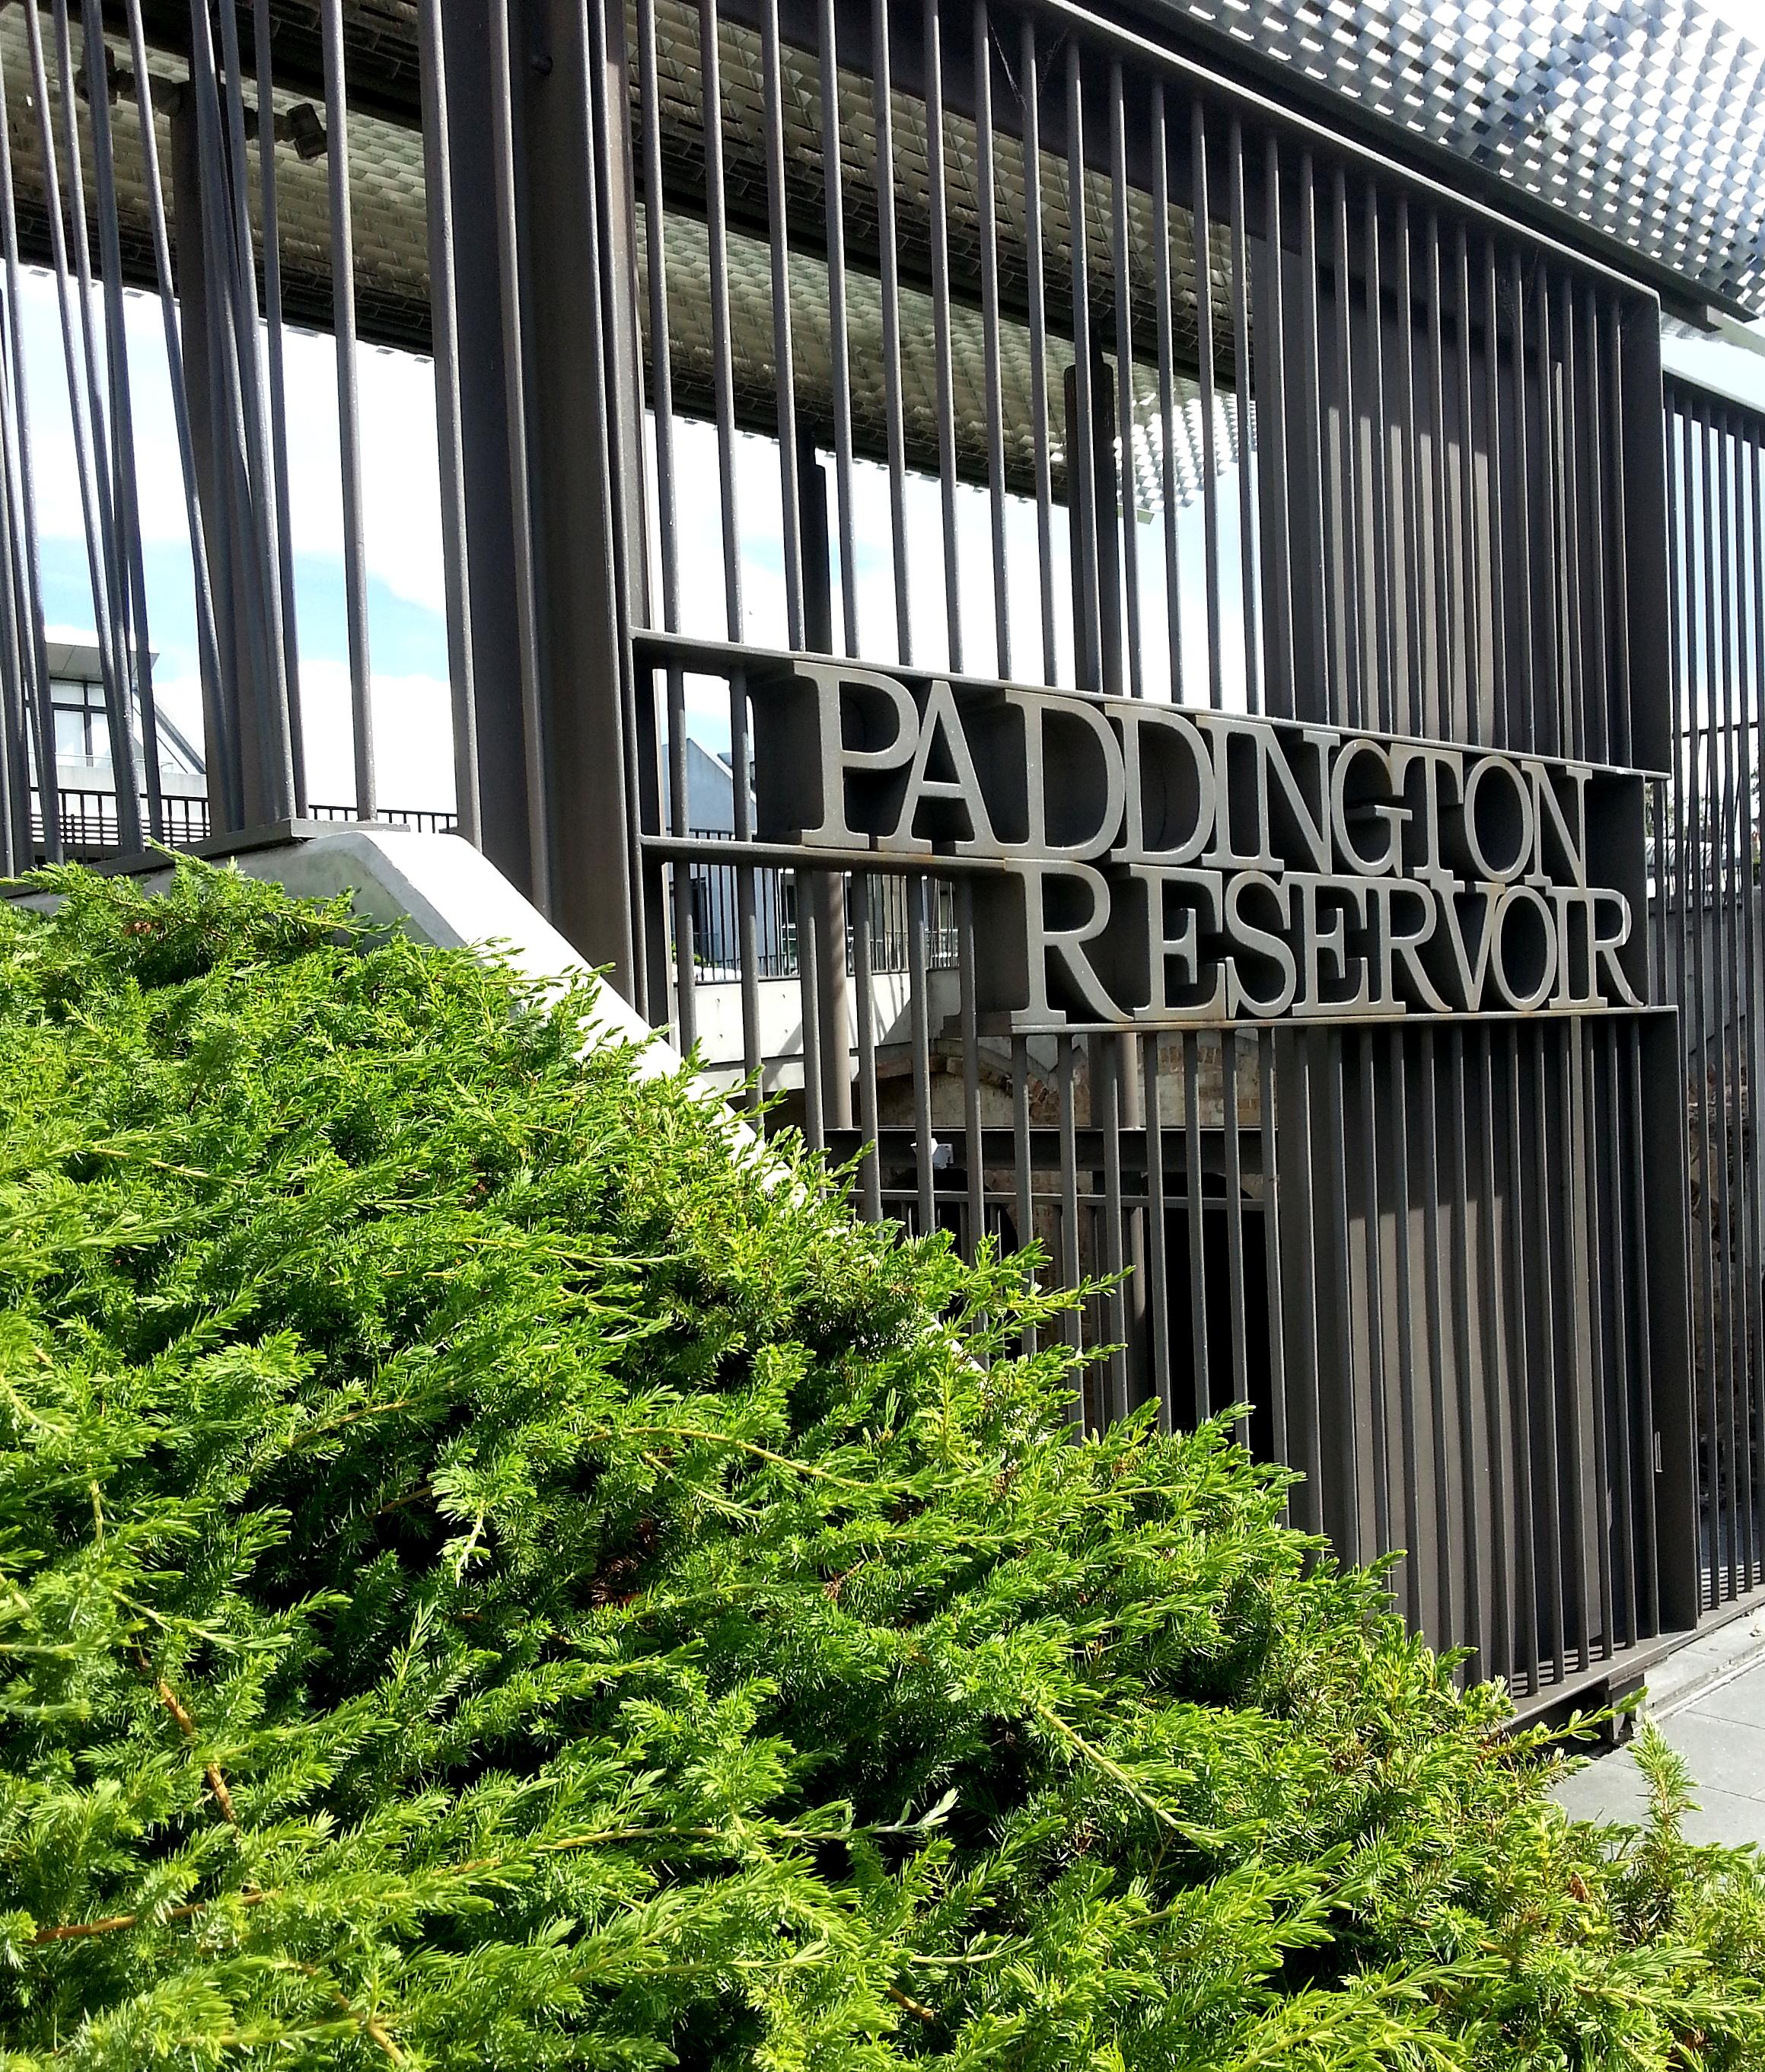 how to get to paddington reservoir gardens